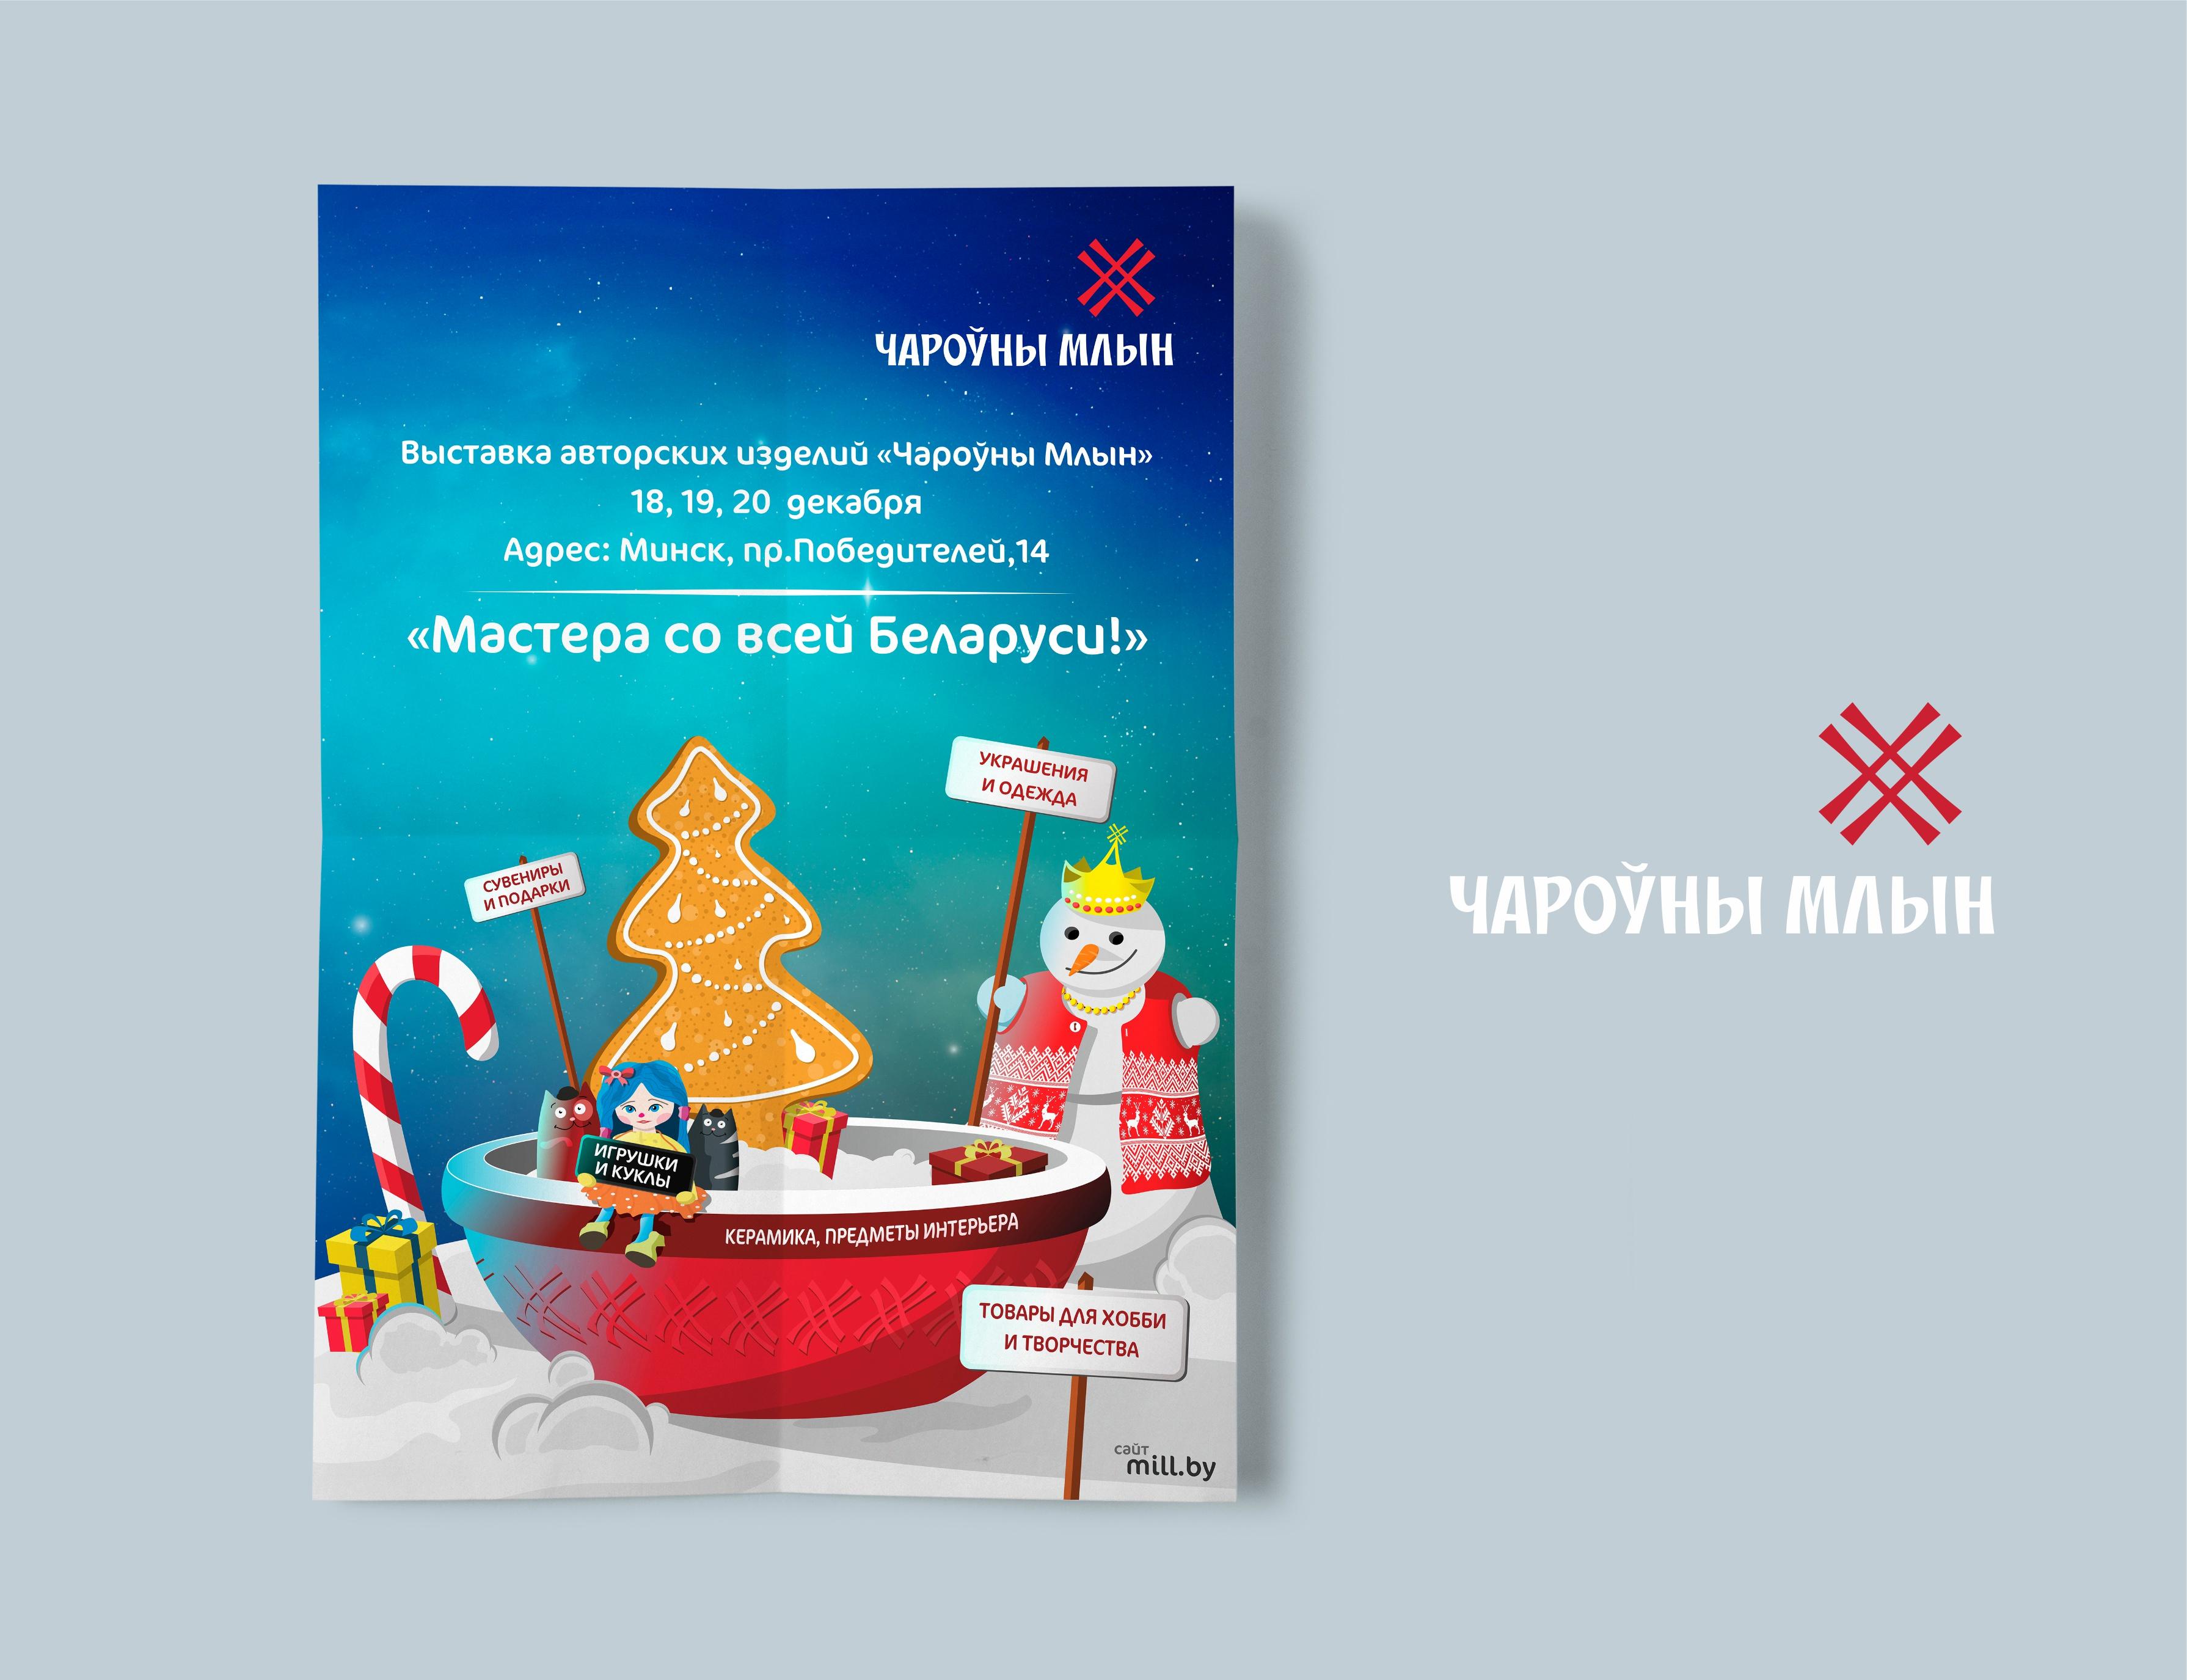 Дизайн новогодней афиши для выставки изделий ручной работы фото f_4975f8f58d4a764c.jpg